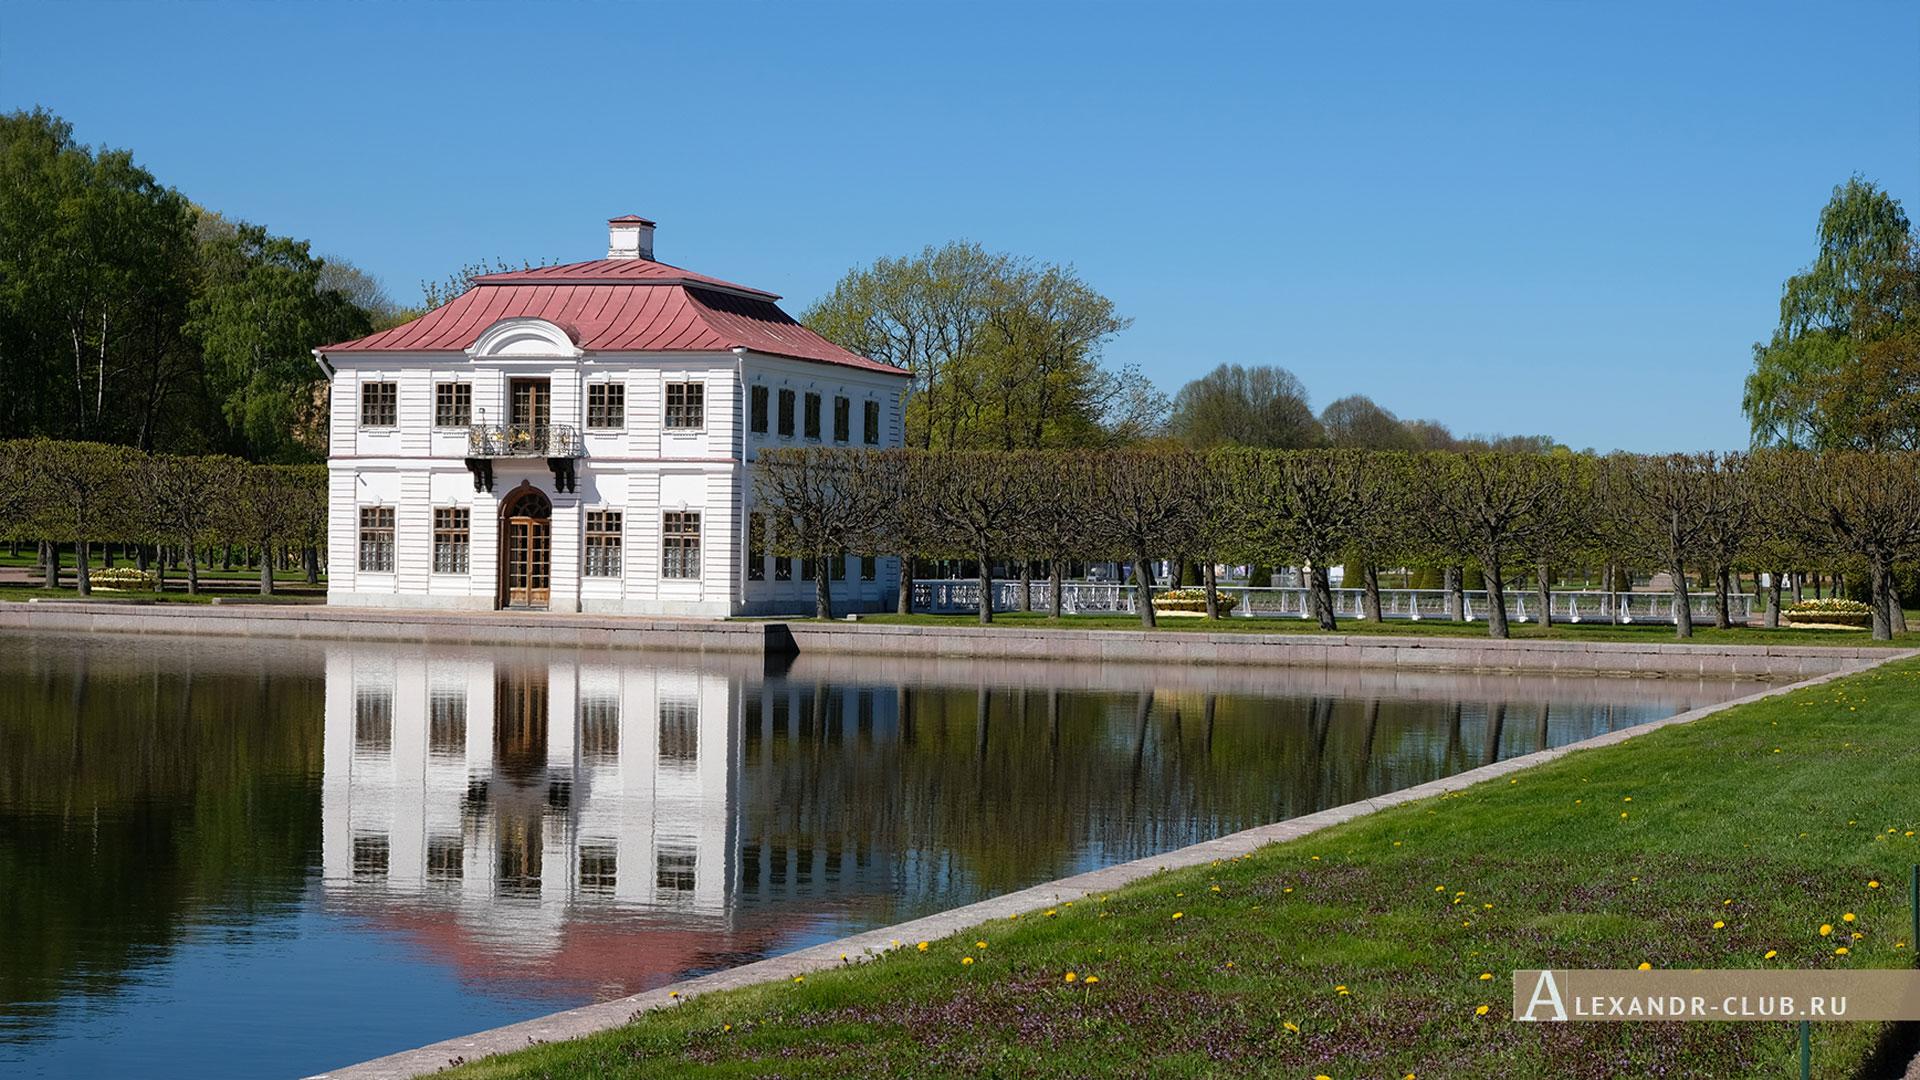 Петергоф, весна, Нижний парк, дворец Марли